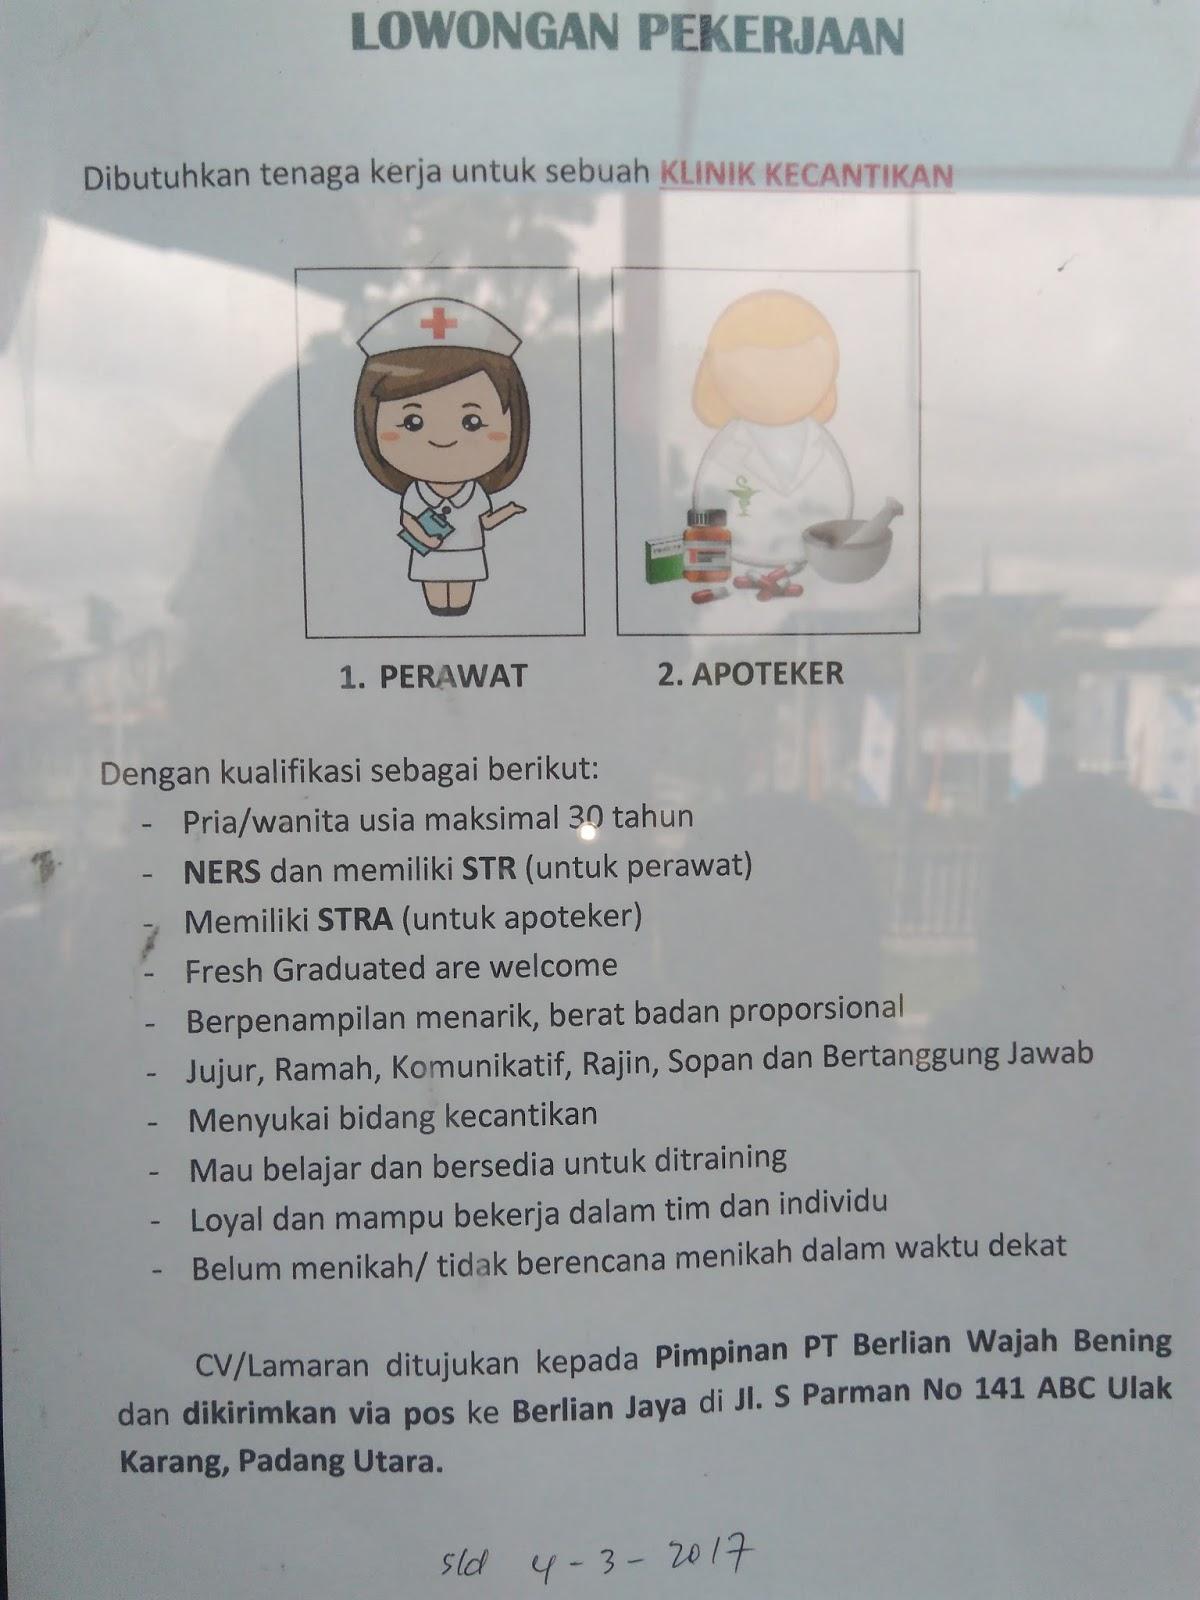 Lowongan Kerja di Padang – PT.Berlian Wajah Bening – Perawat & Apoteker (Closed 4-3-2017)